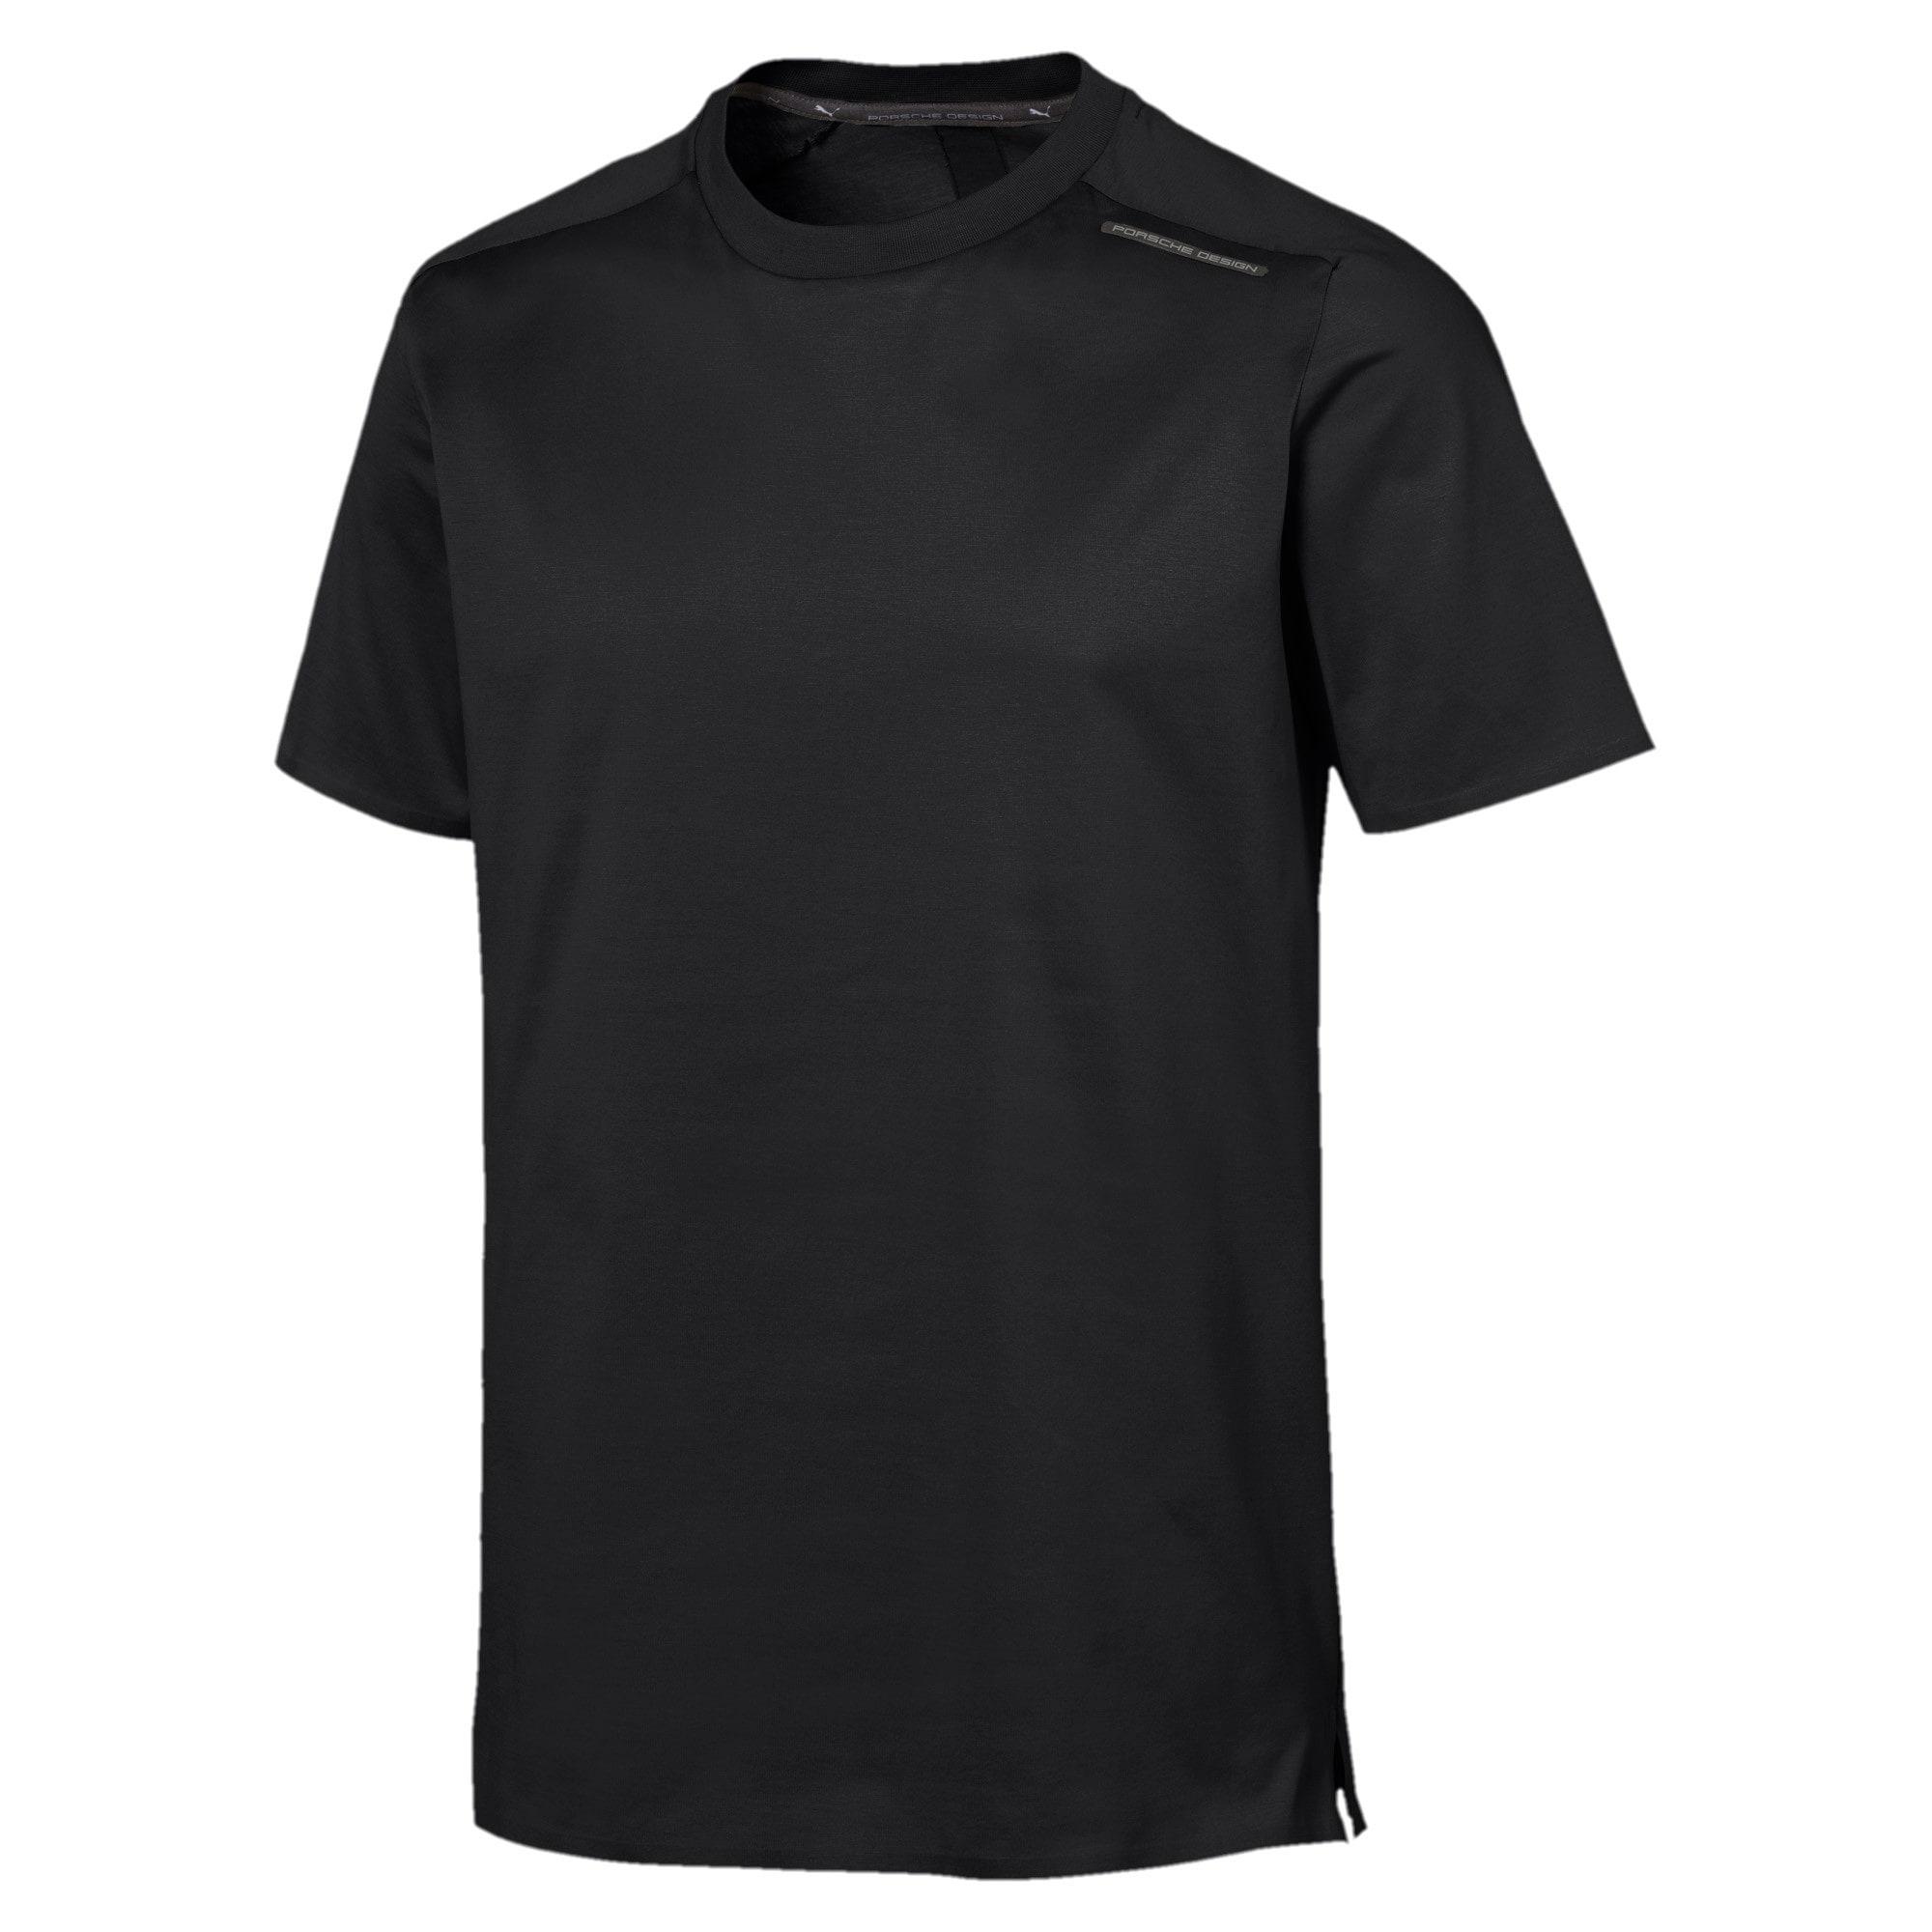 Thumbnail 1 of PORSCHE DESIGN  ライフ Tシャツ, Jet Black, medium-JPN